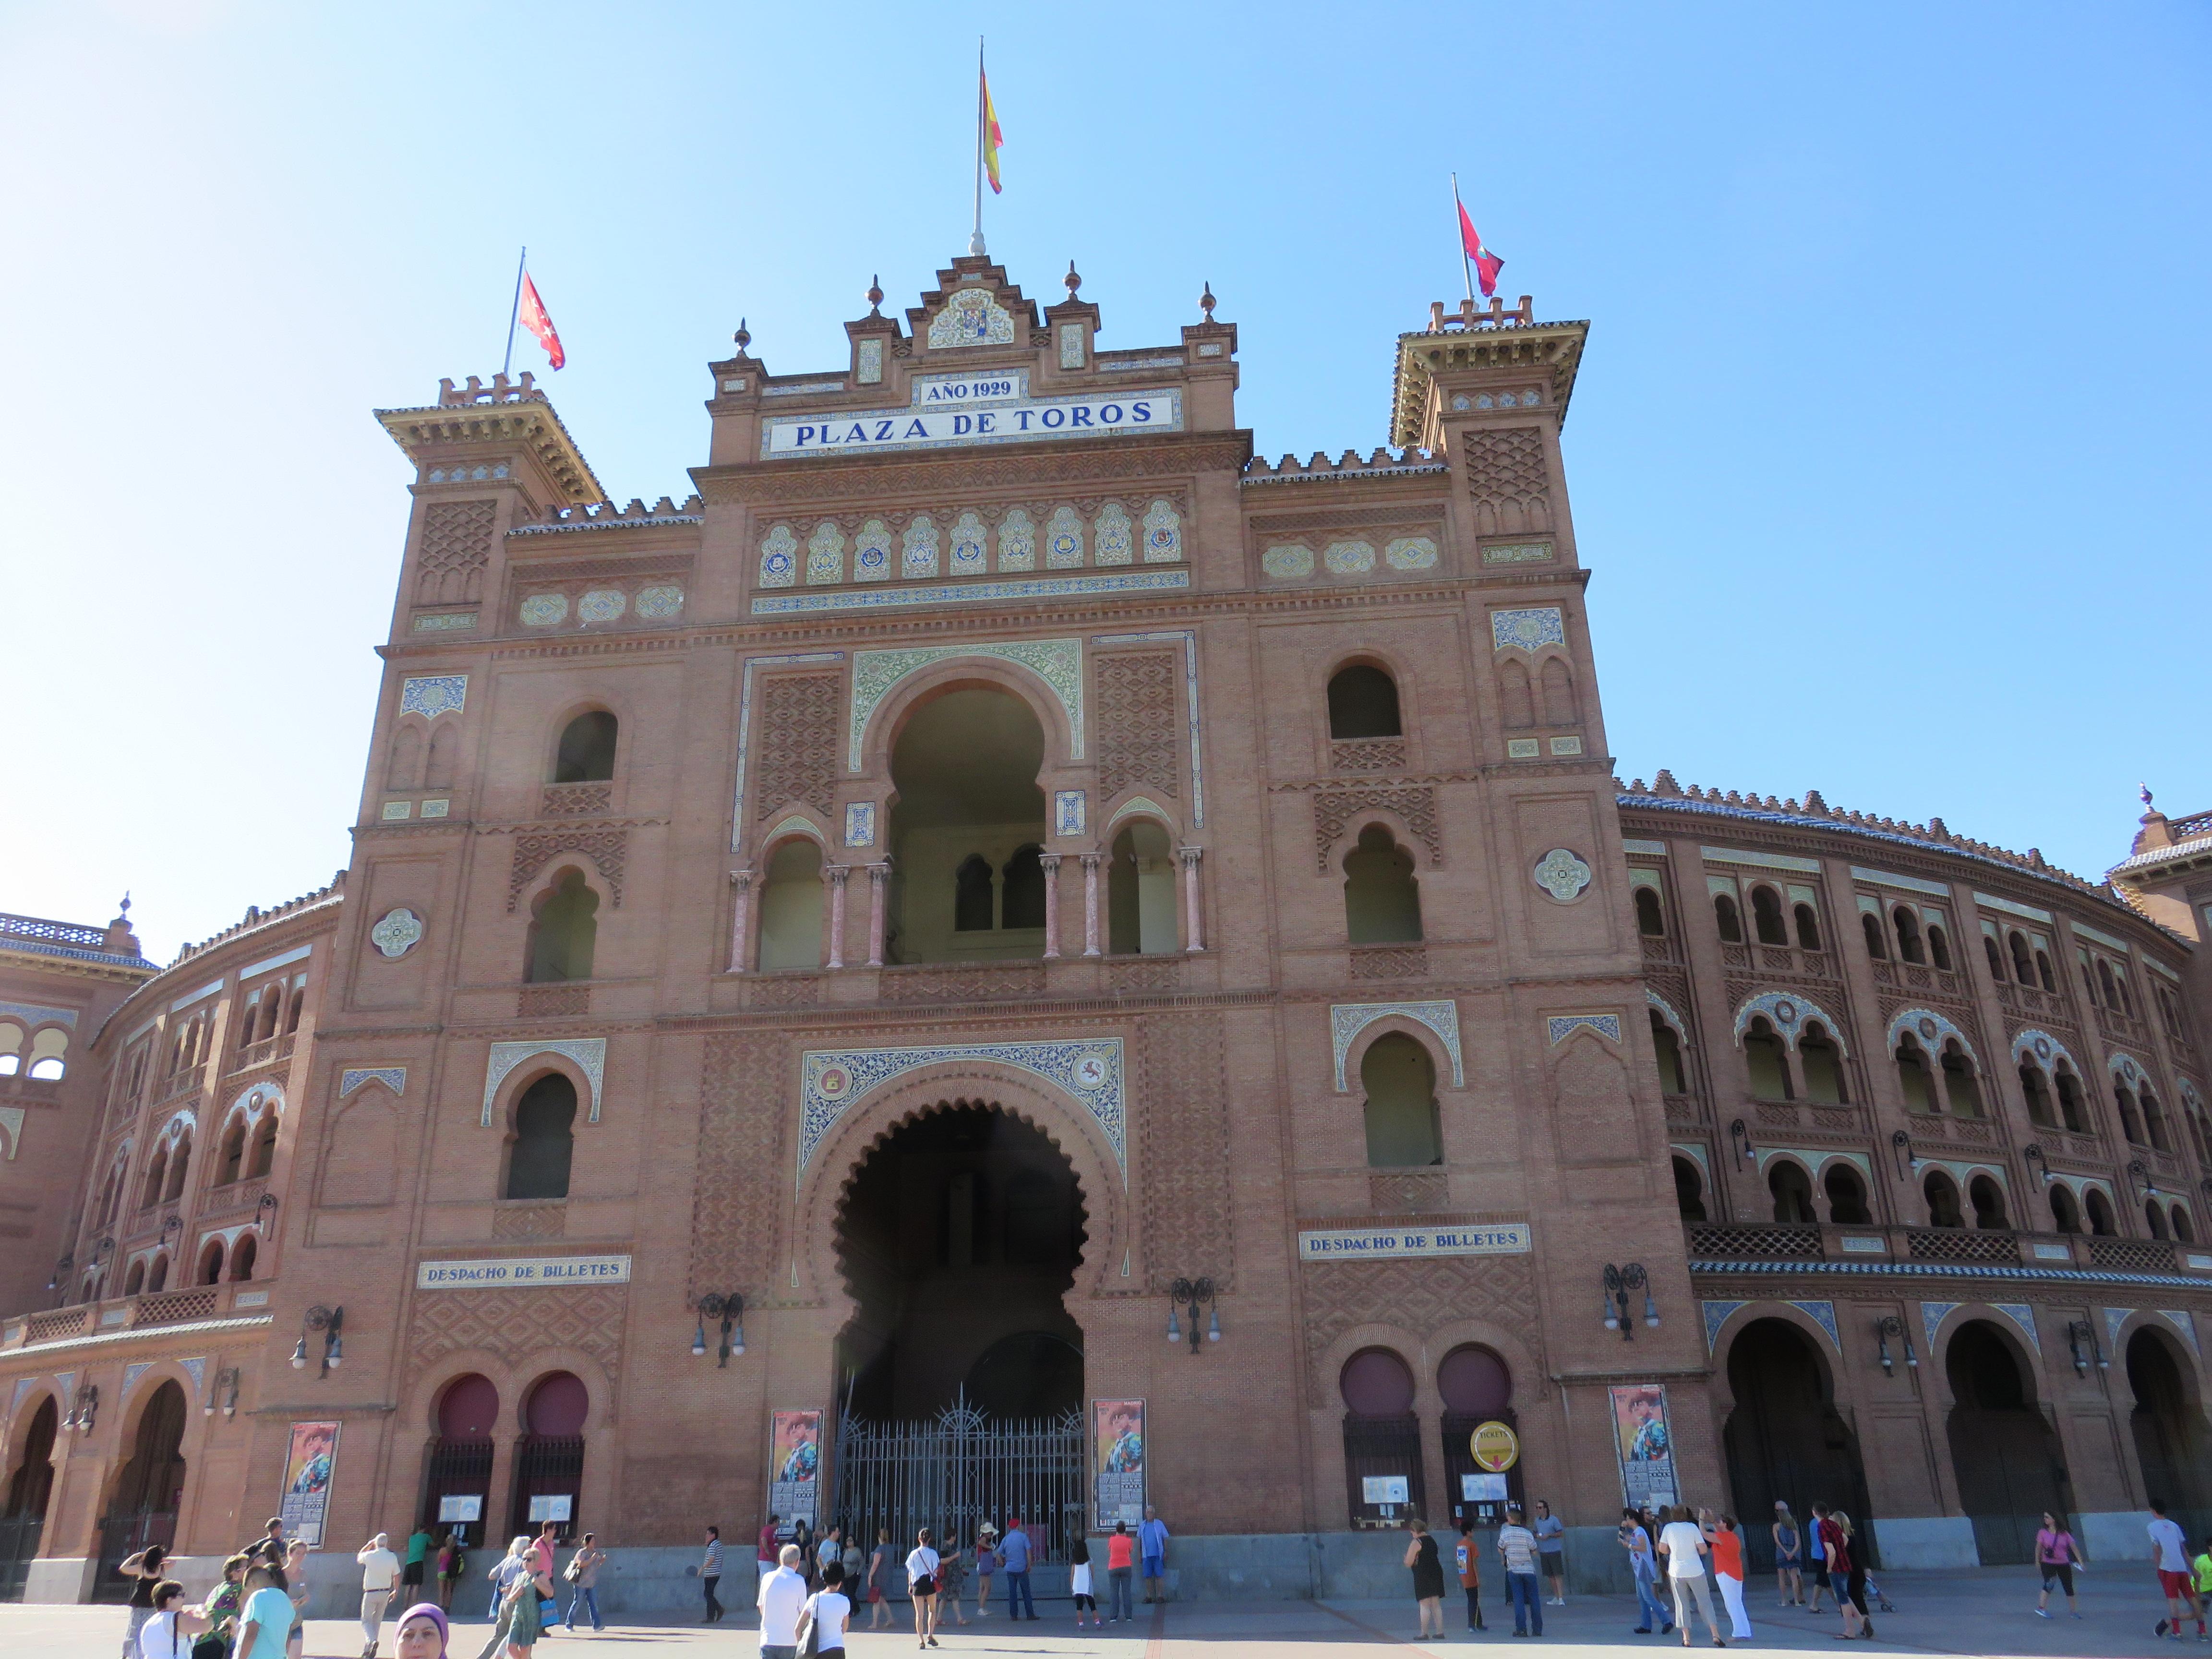 IMG_6999 Madrid